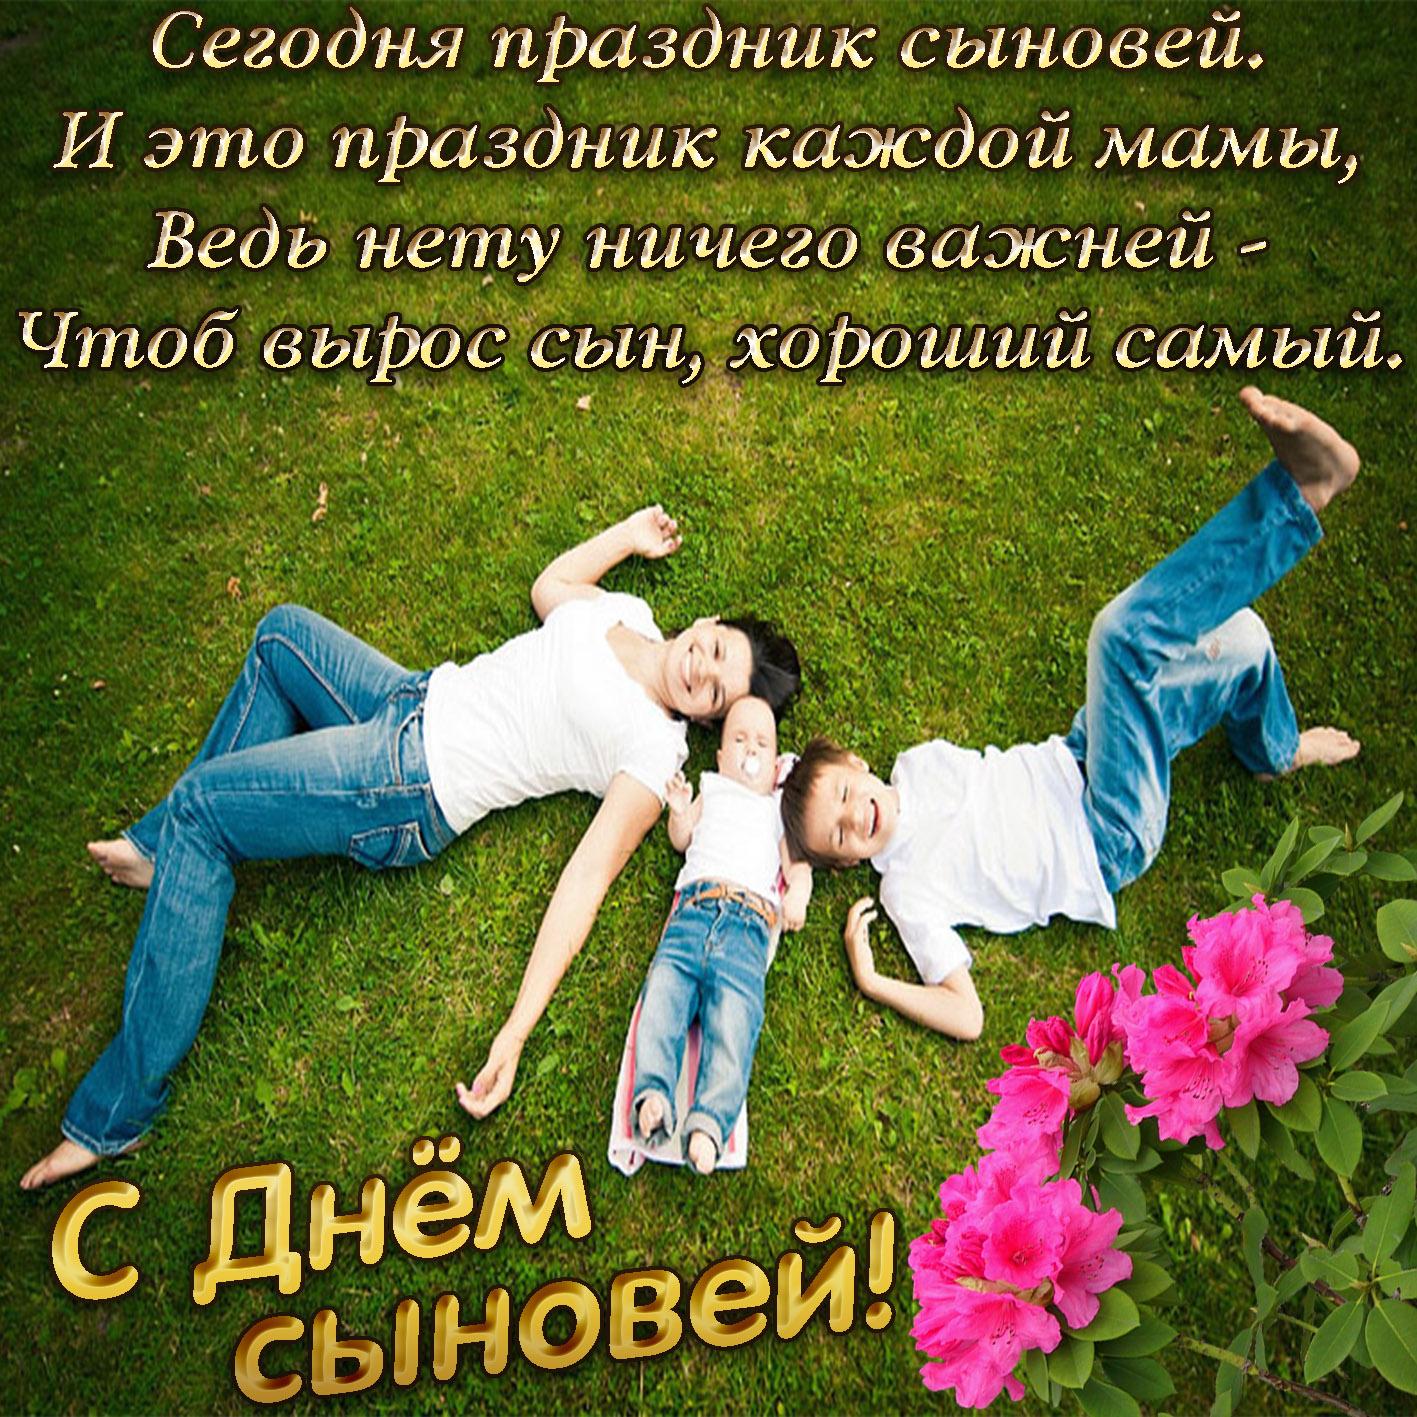 Надписью позорище, с днем сыновей поздравления открытка